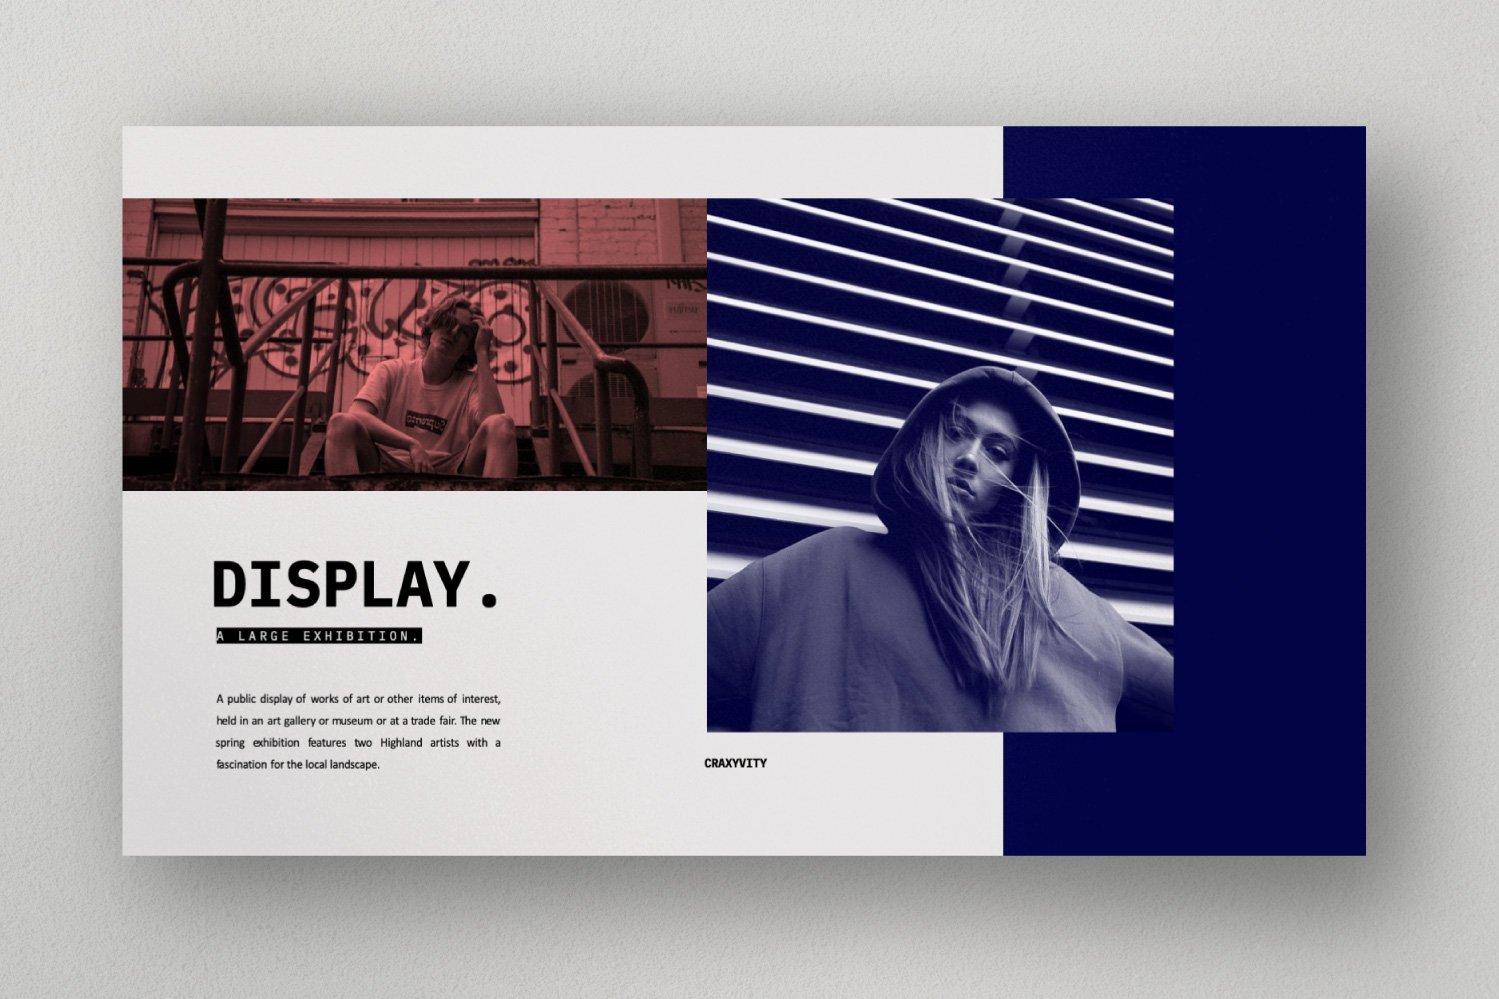 时尚潮流商业策划书幻灯片设计模板 CRAXITVIY – Powerpoint插图(8)